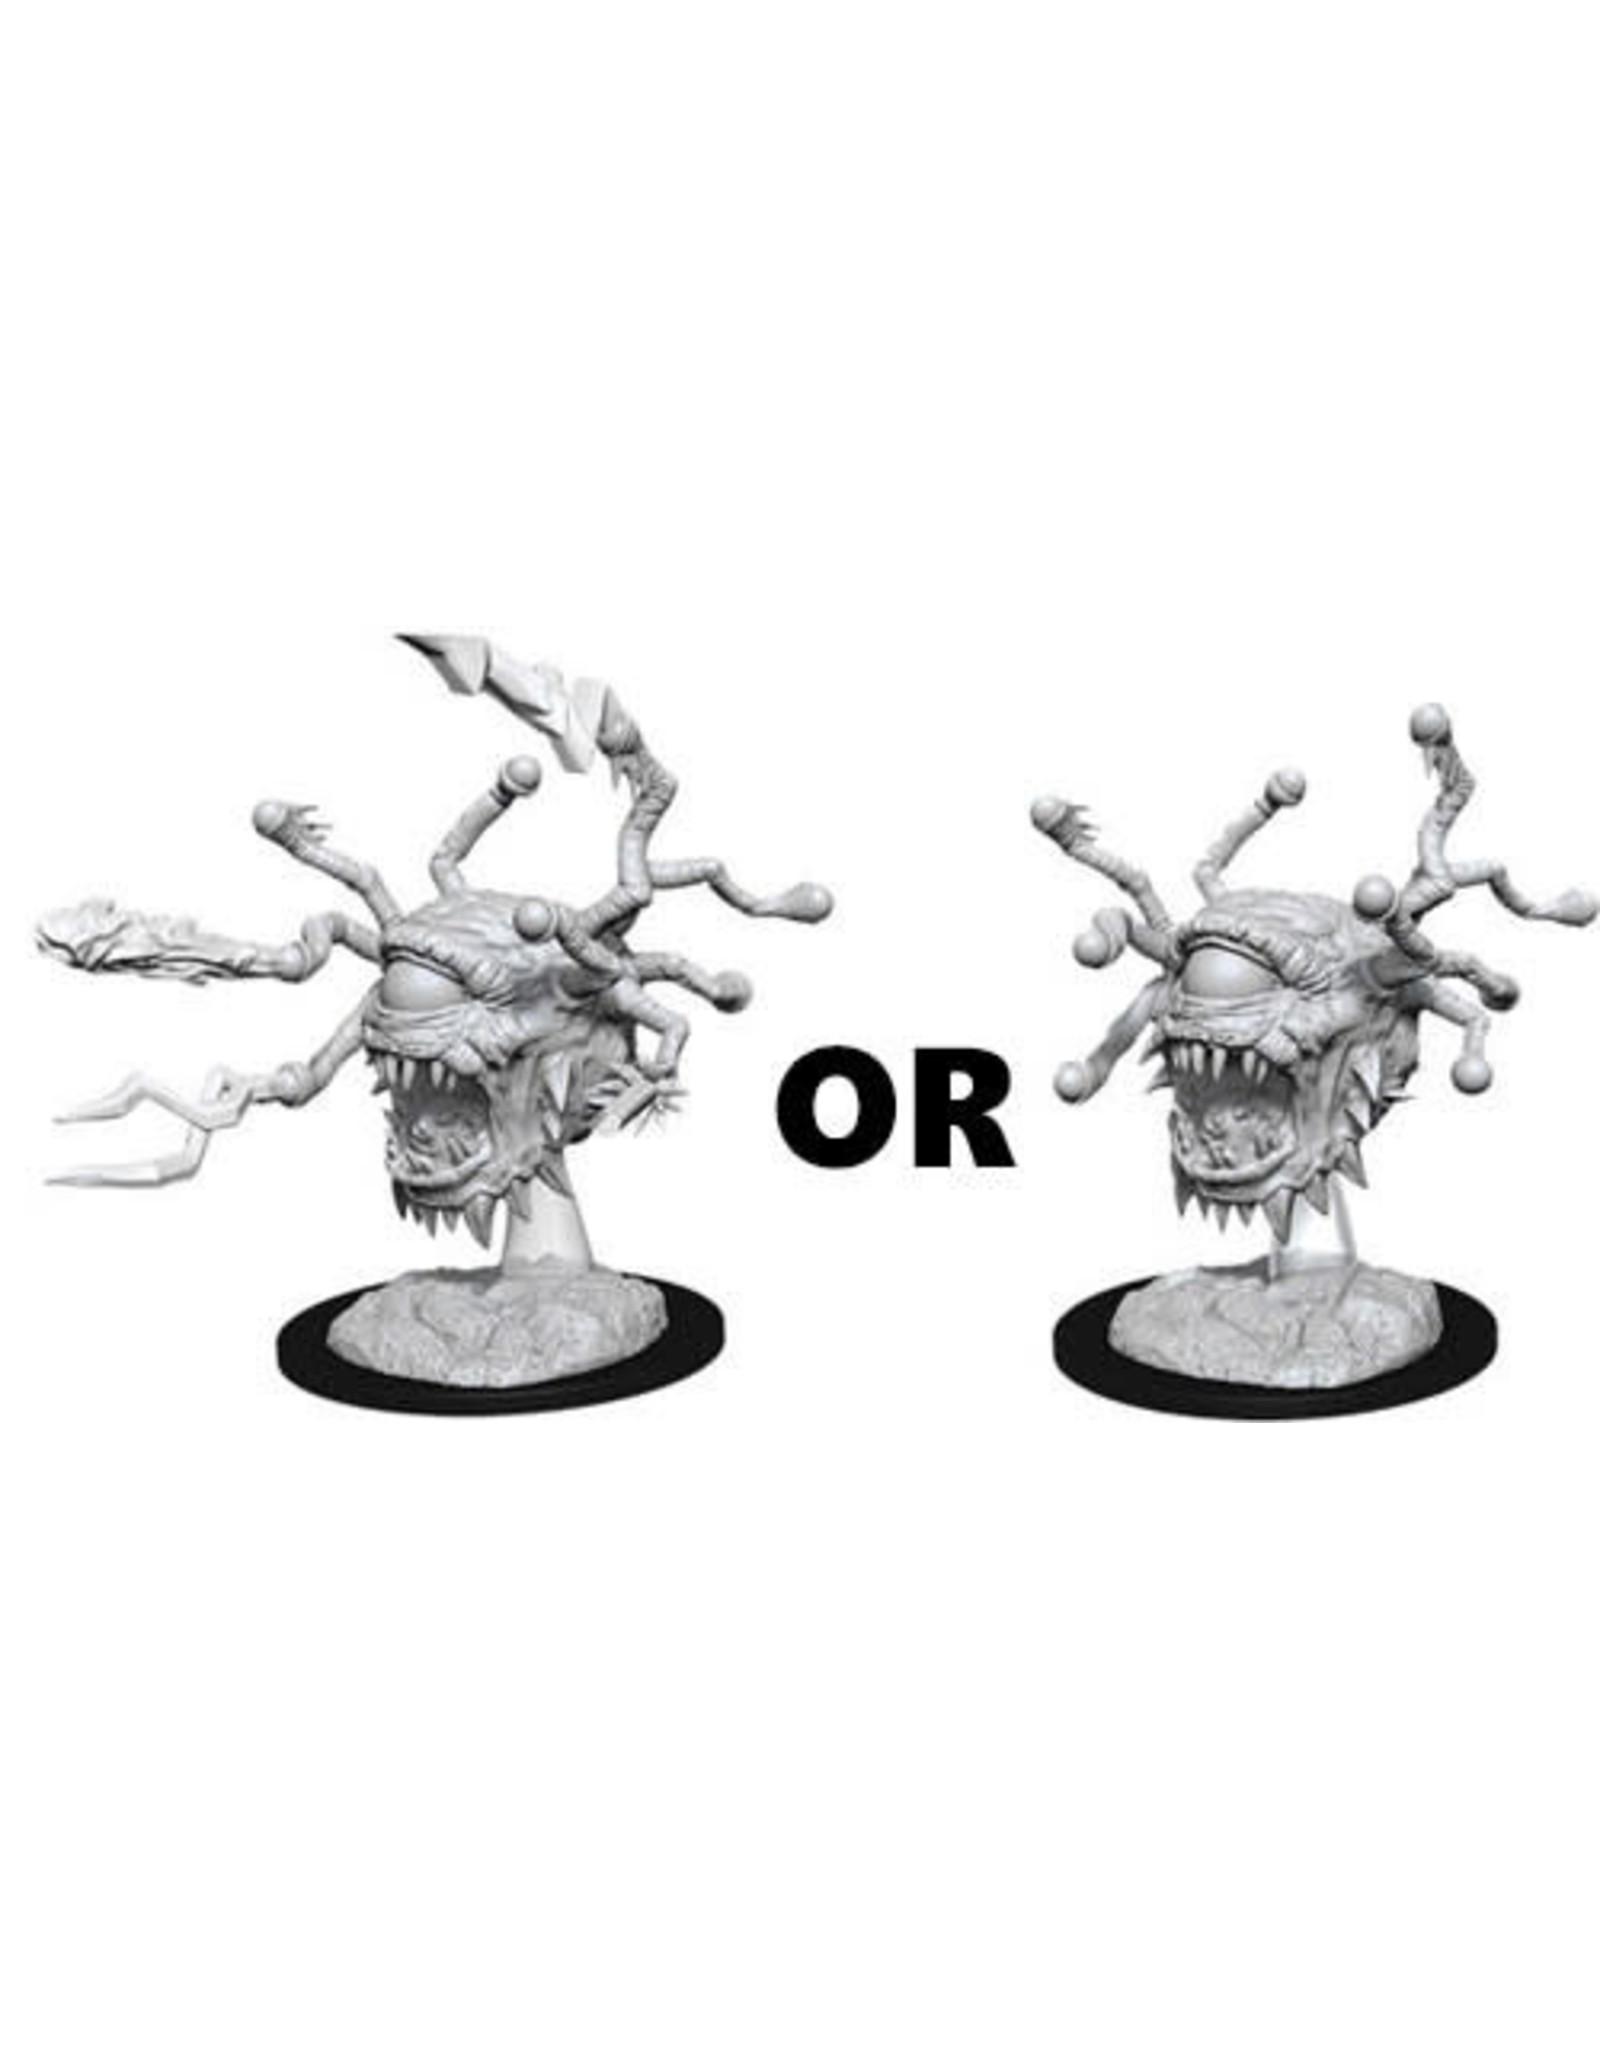 D&D Unpainted Minis: Beholder Zombie